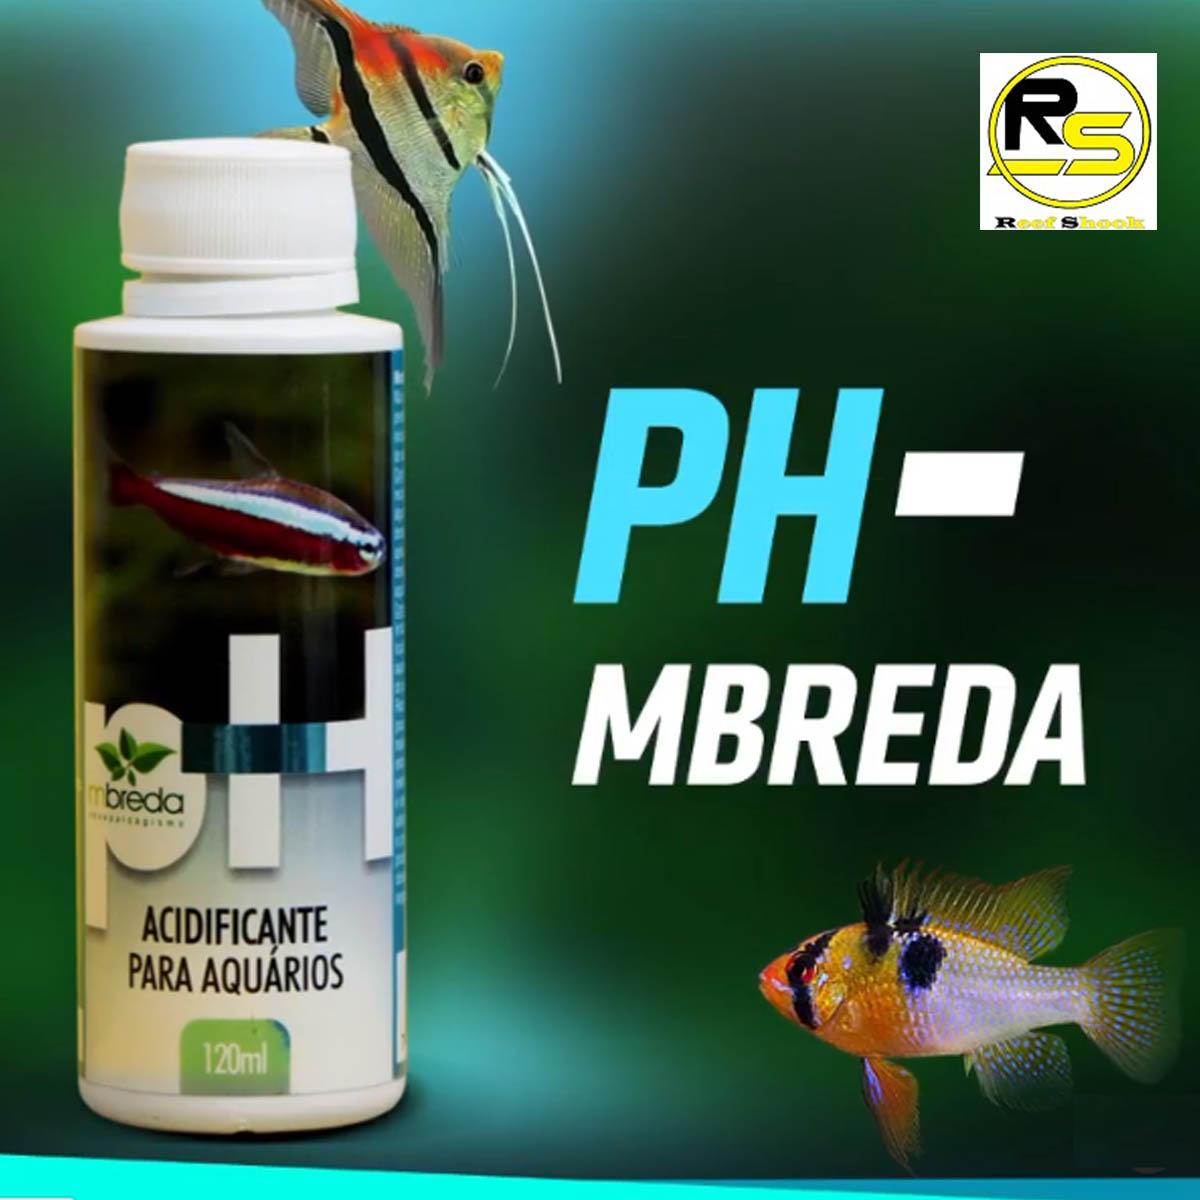 Acidificante Ph- Mbreda para Aquários 120ml Baixa o Ph